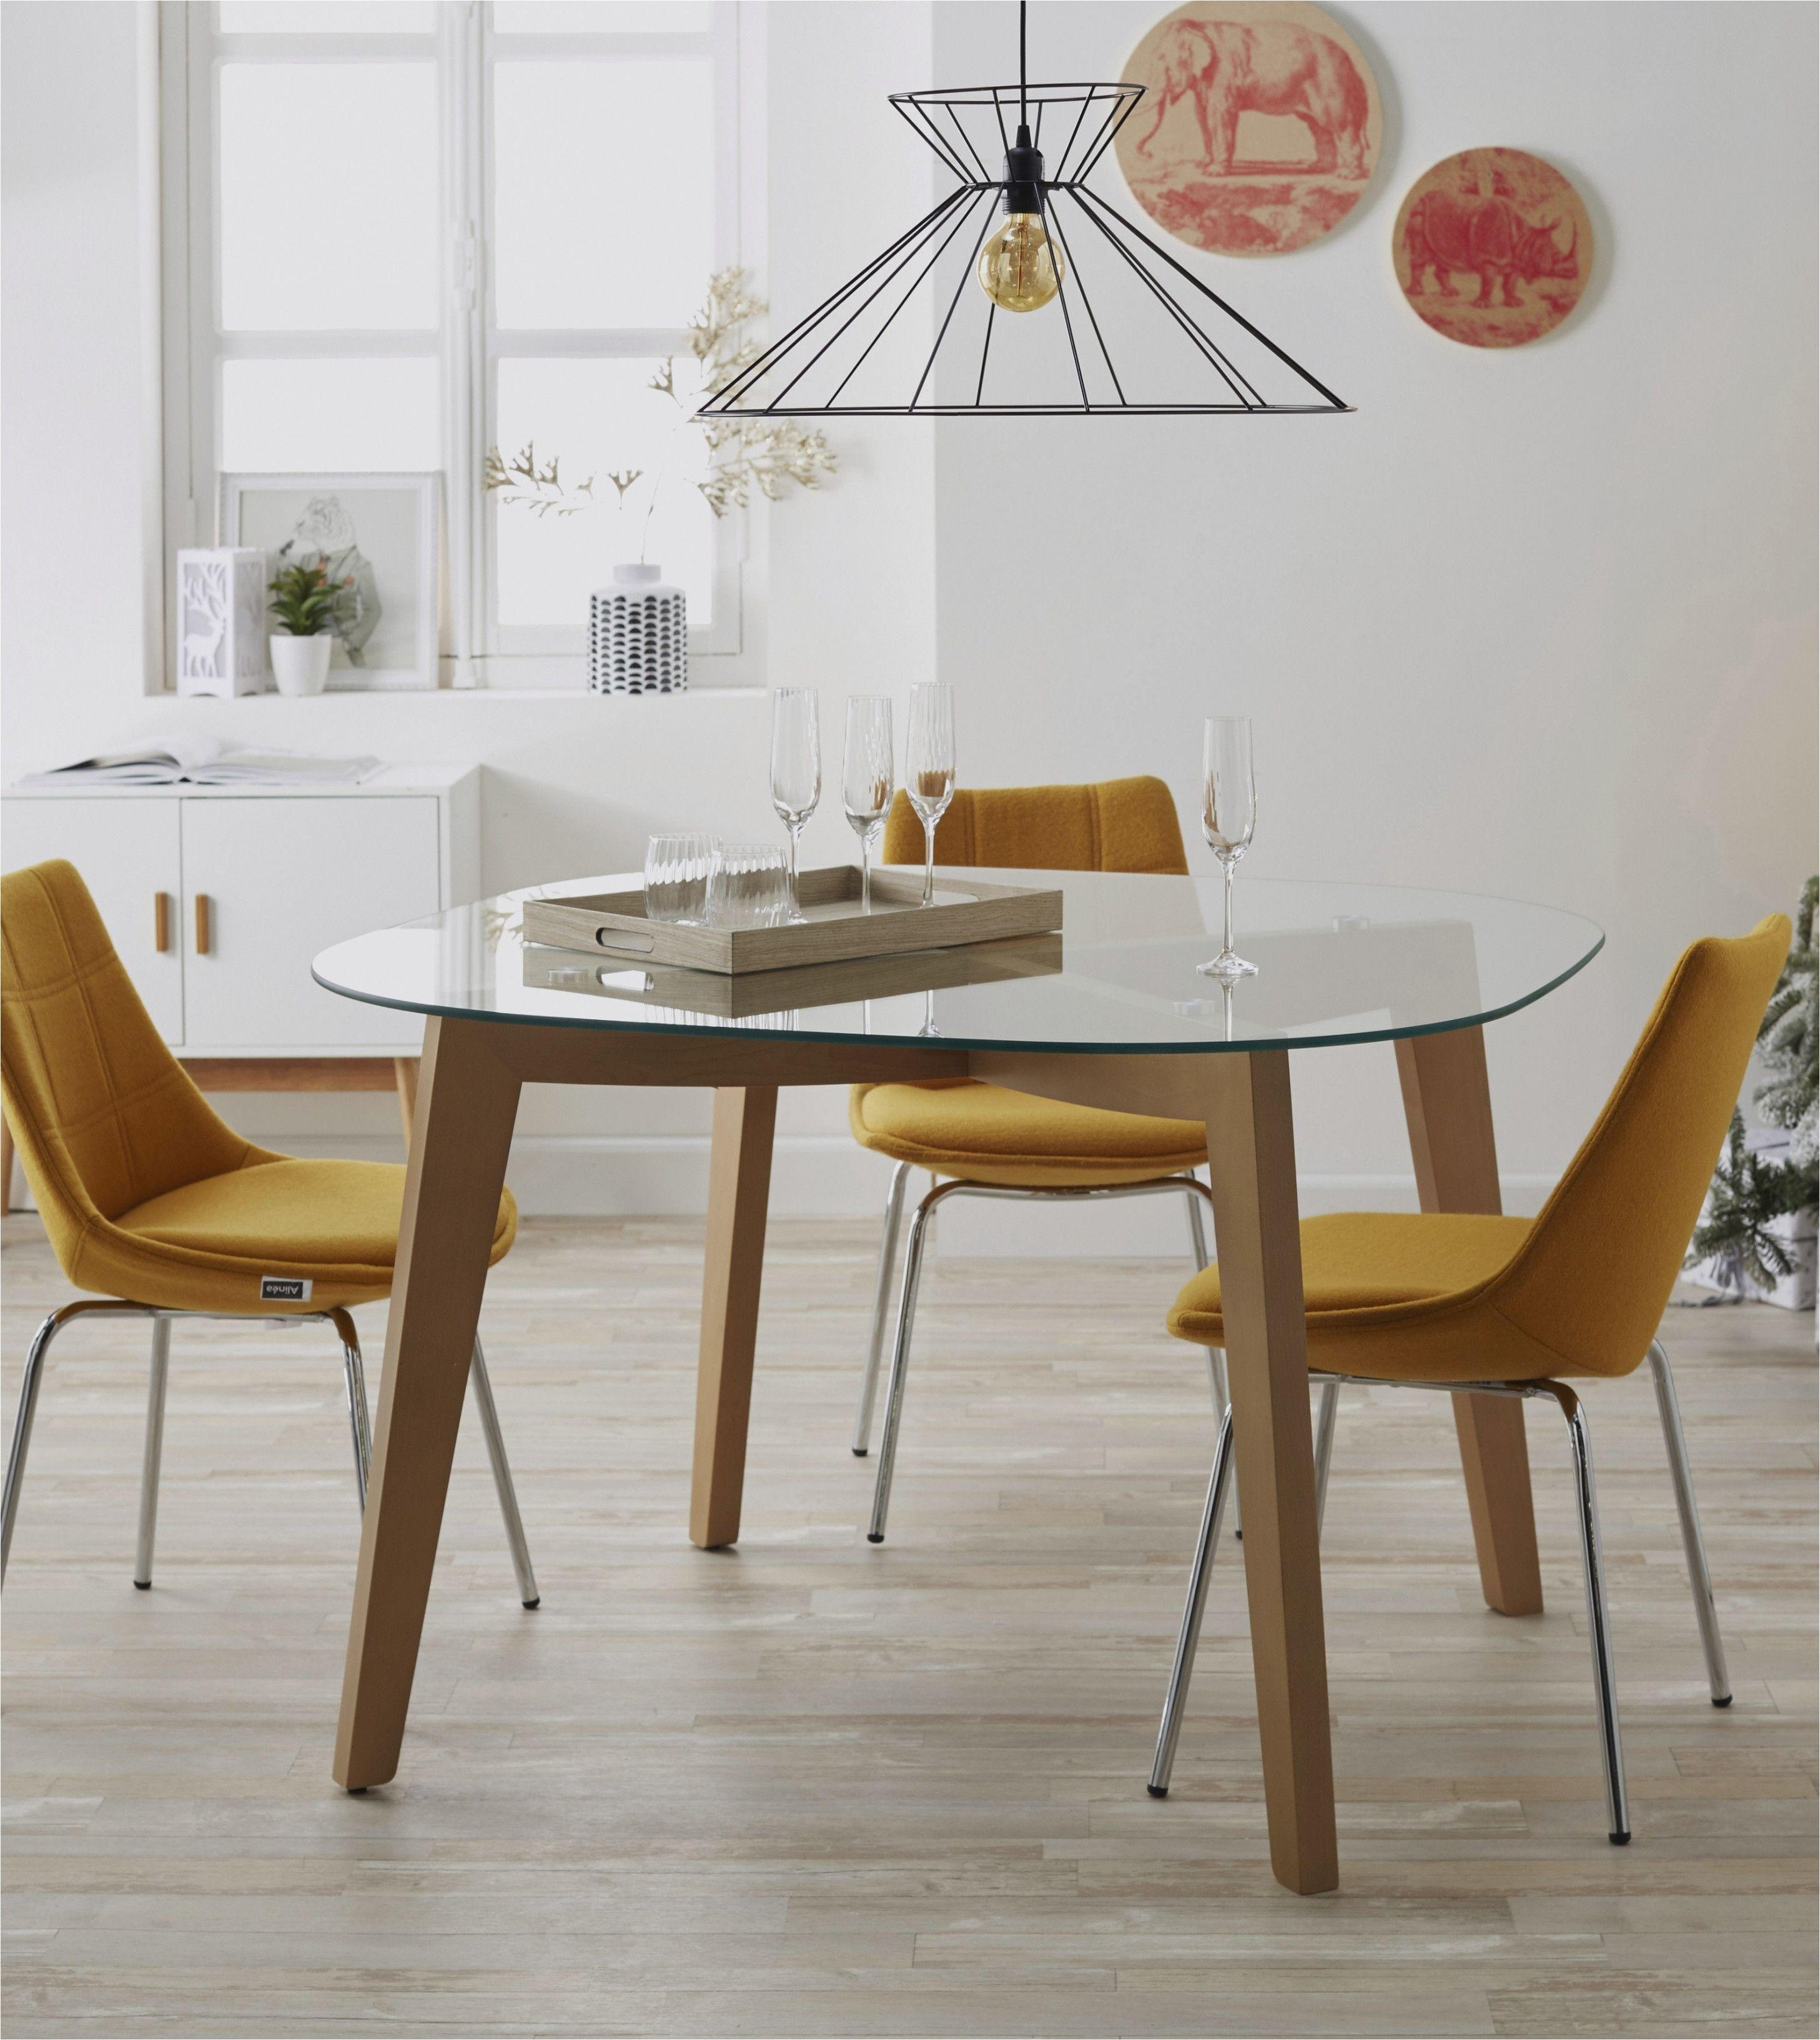 Elegant Appartement Poitiers Le Bon Coin Table Salle A Manger Meuble Salle A Manger Table Et Chaises